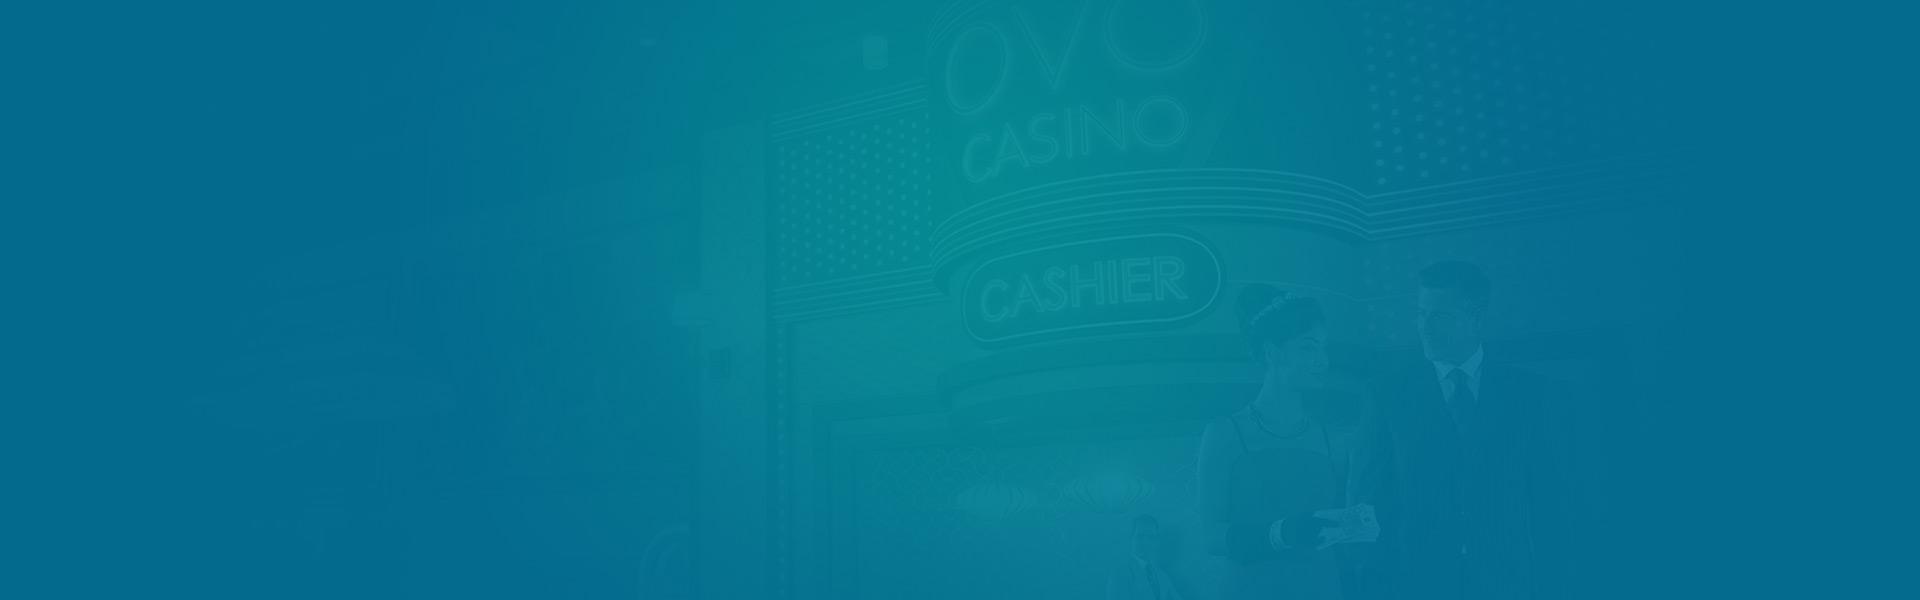 ovo casino top image 1